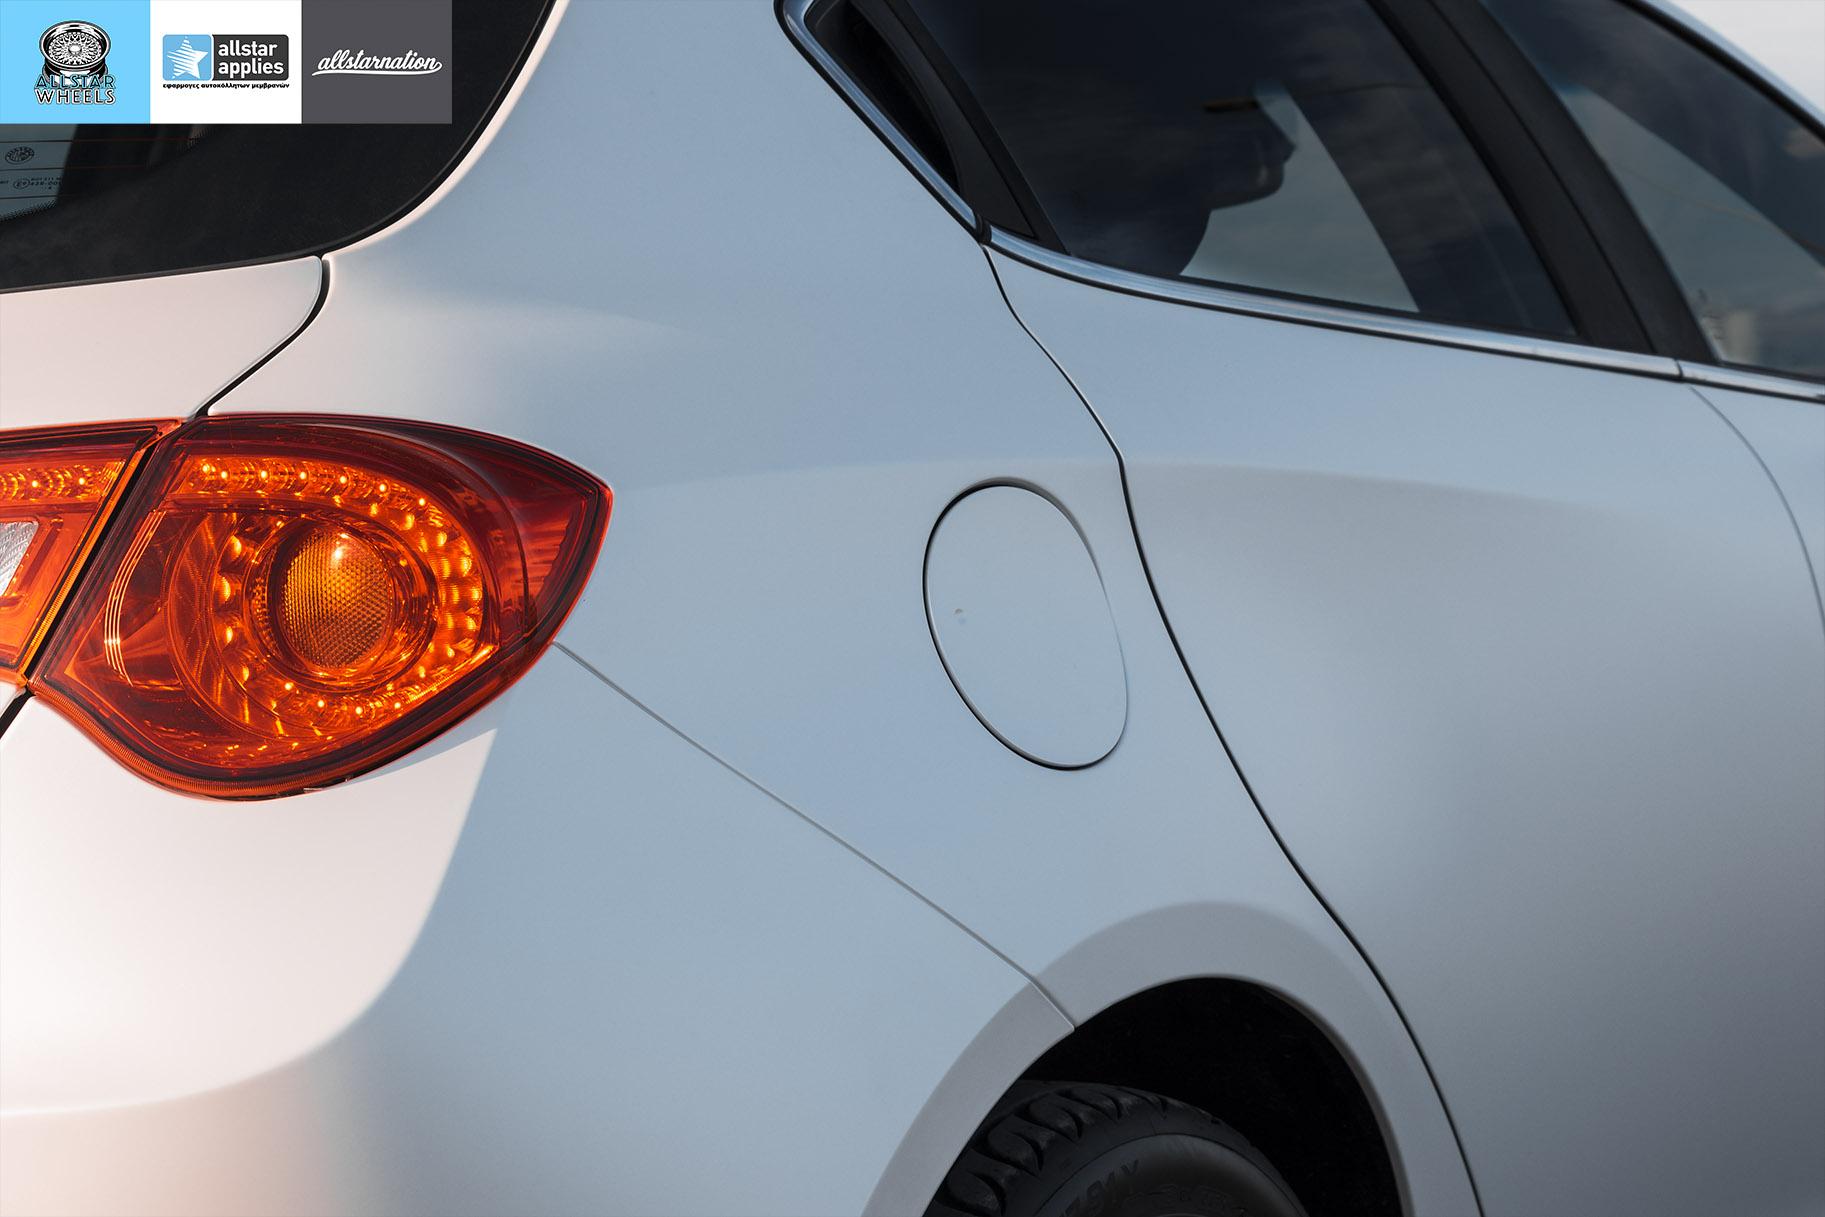 Αυτοκόλλητα Αλλαγής Χρώματος Alfa Romeo Giulietta Matt Diamond White | Allstar Applies στη Θεσσαλονίκη